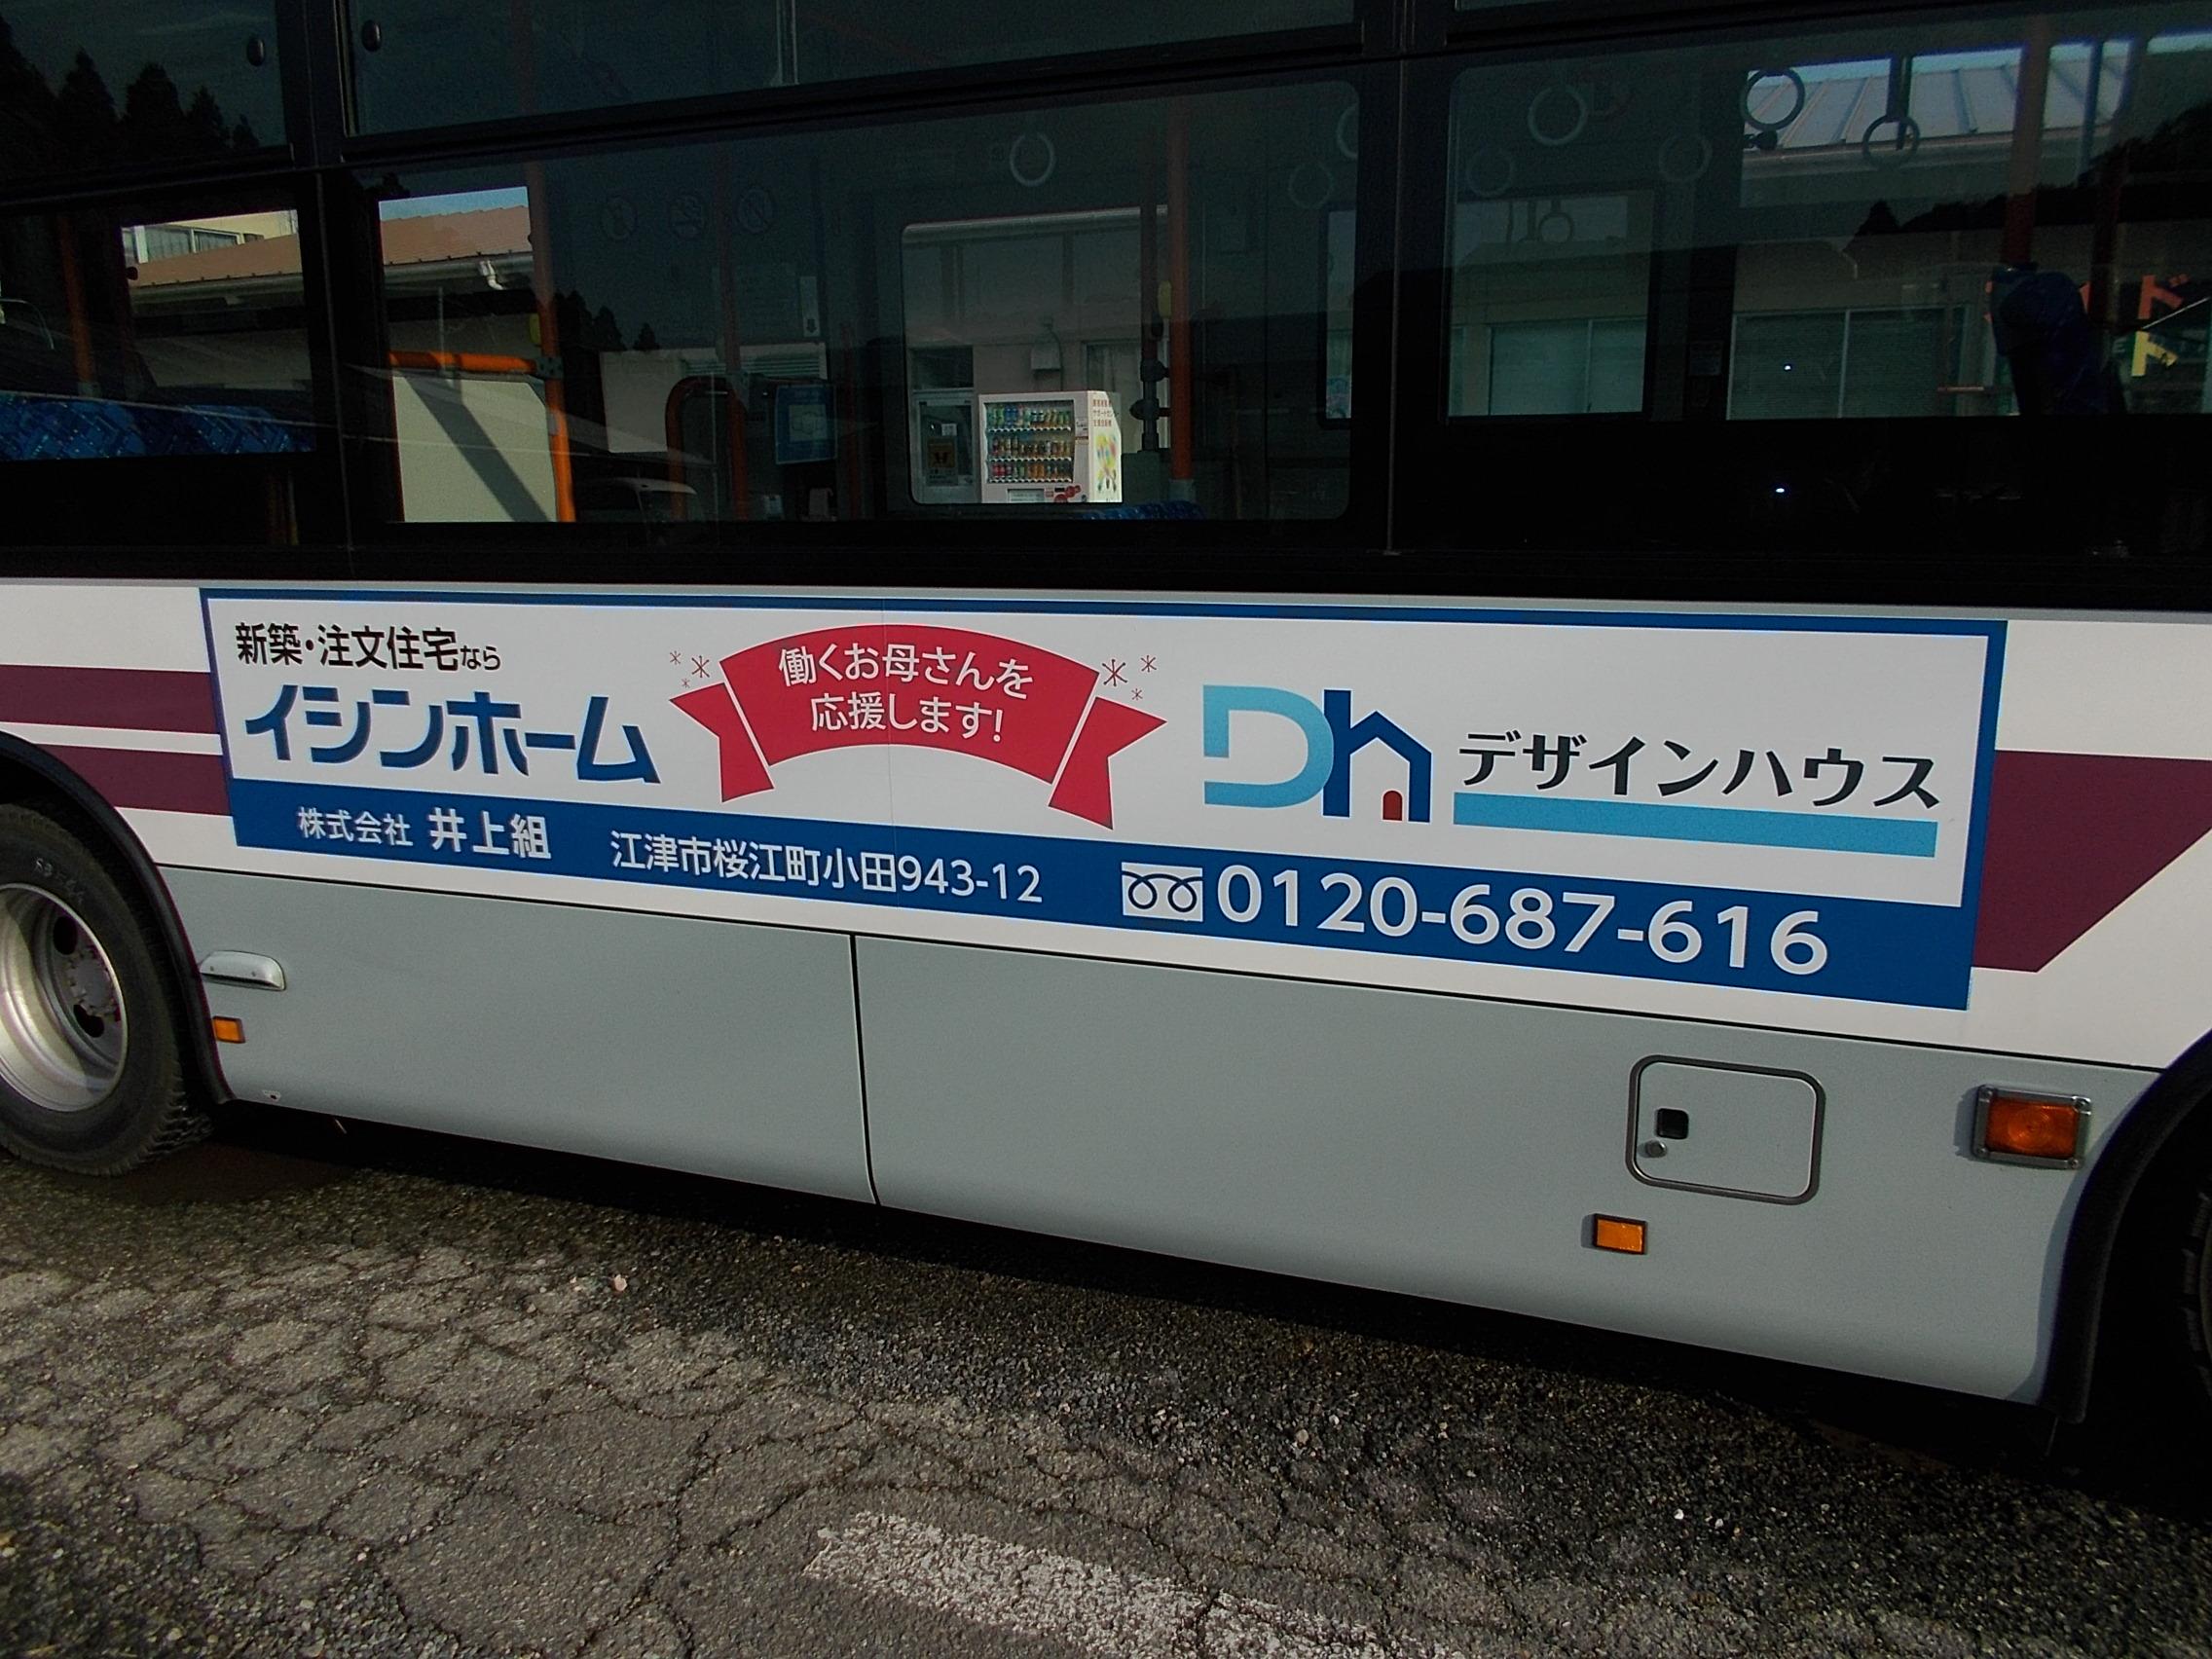 バス広告④.JPG